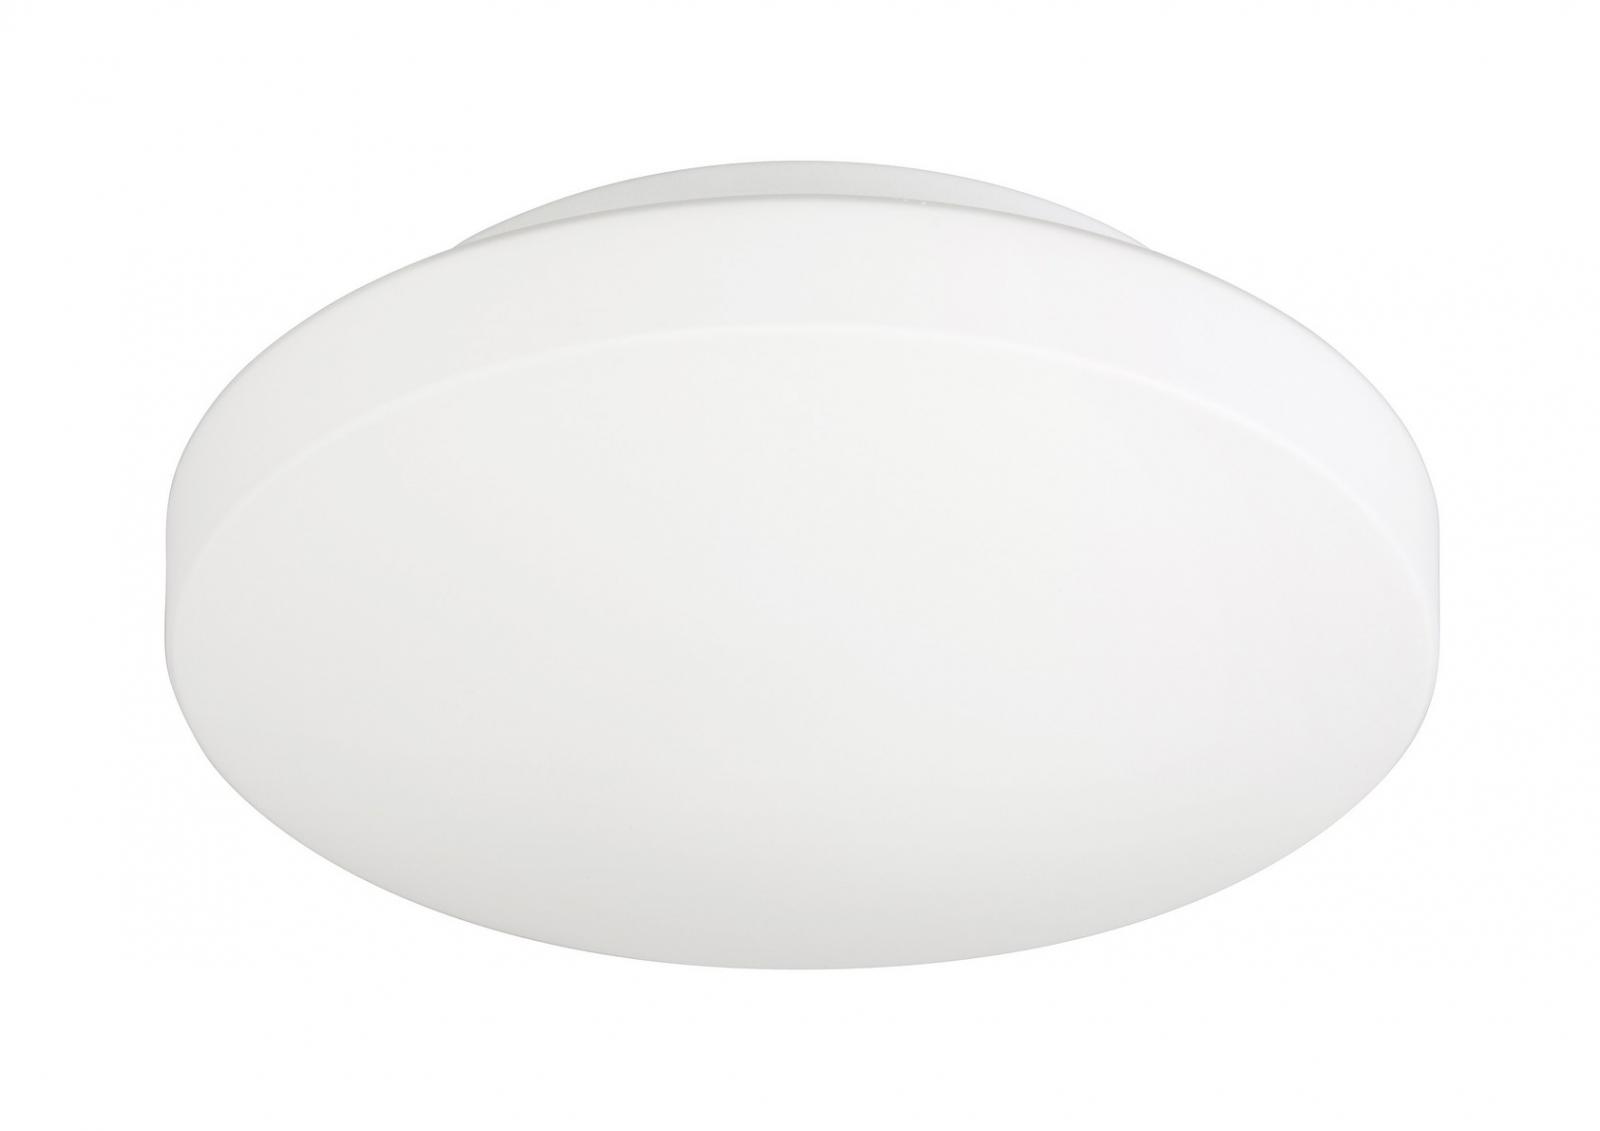 Dag Licht Lamp : True light daglichtlampen daglichtcentrum